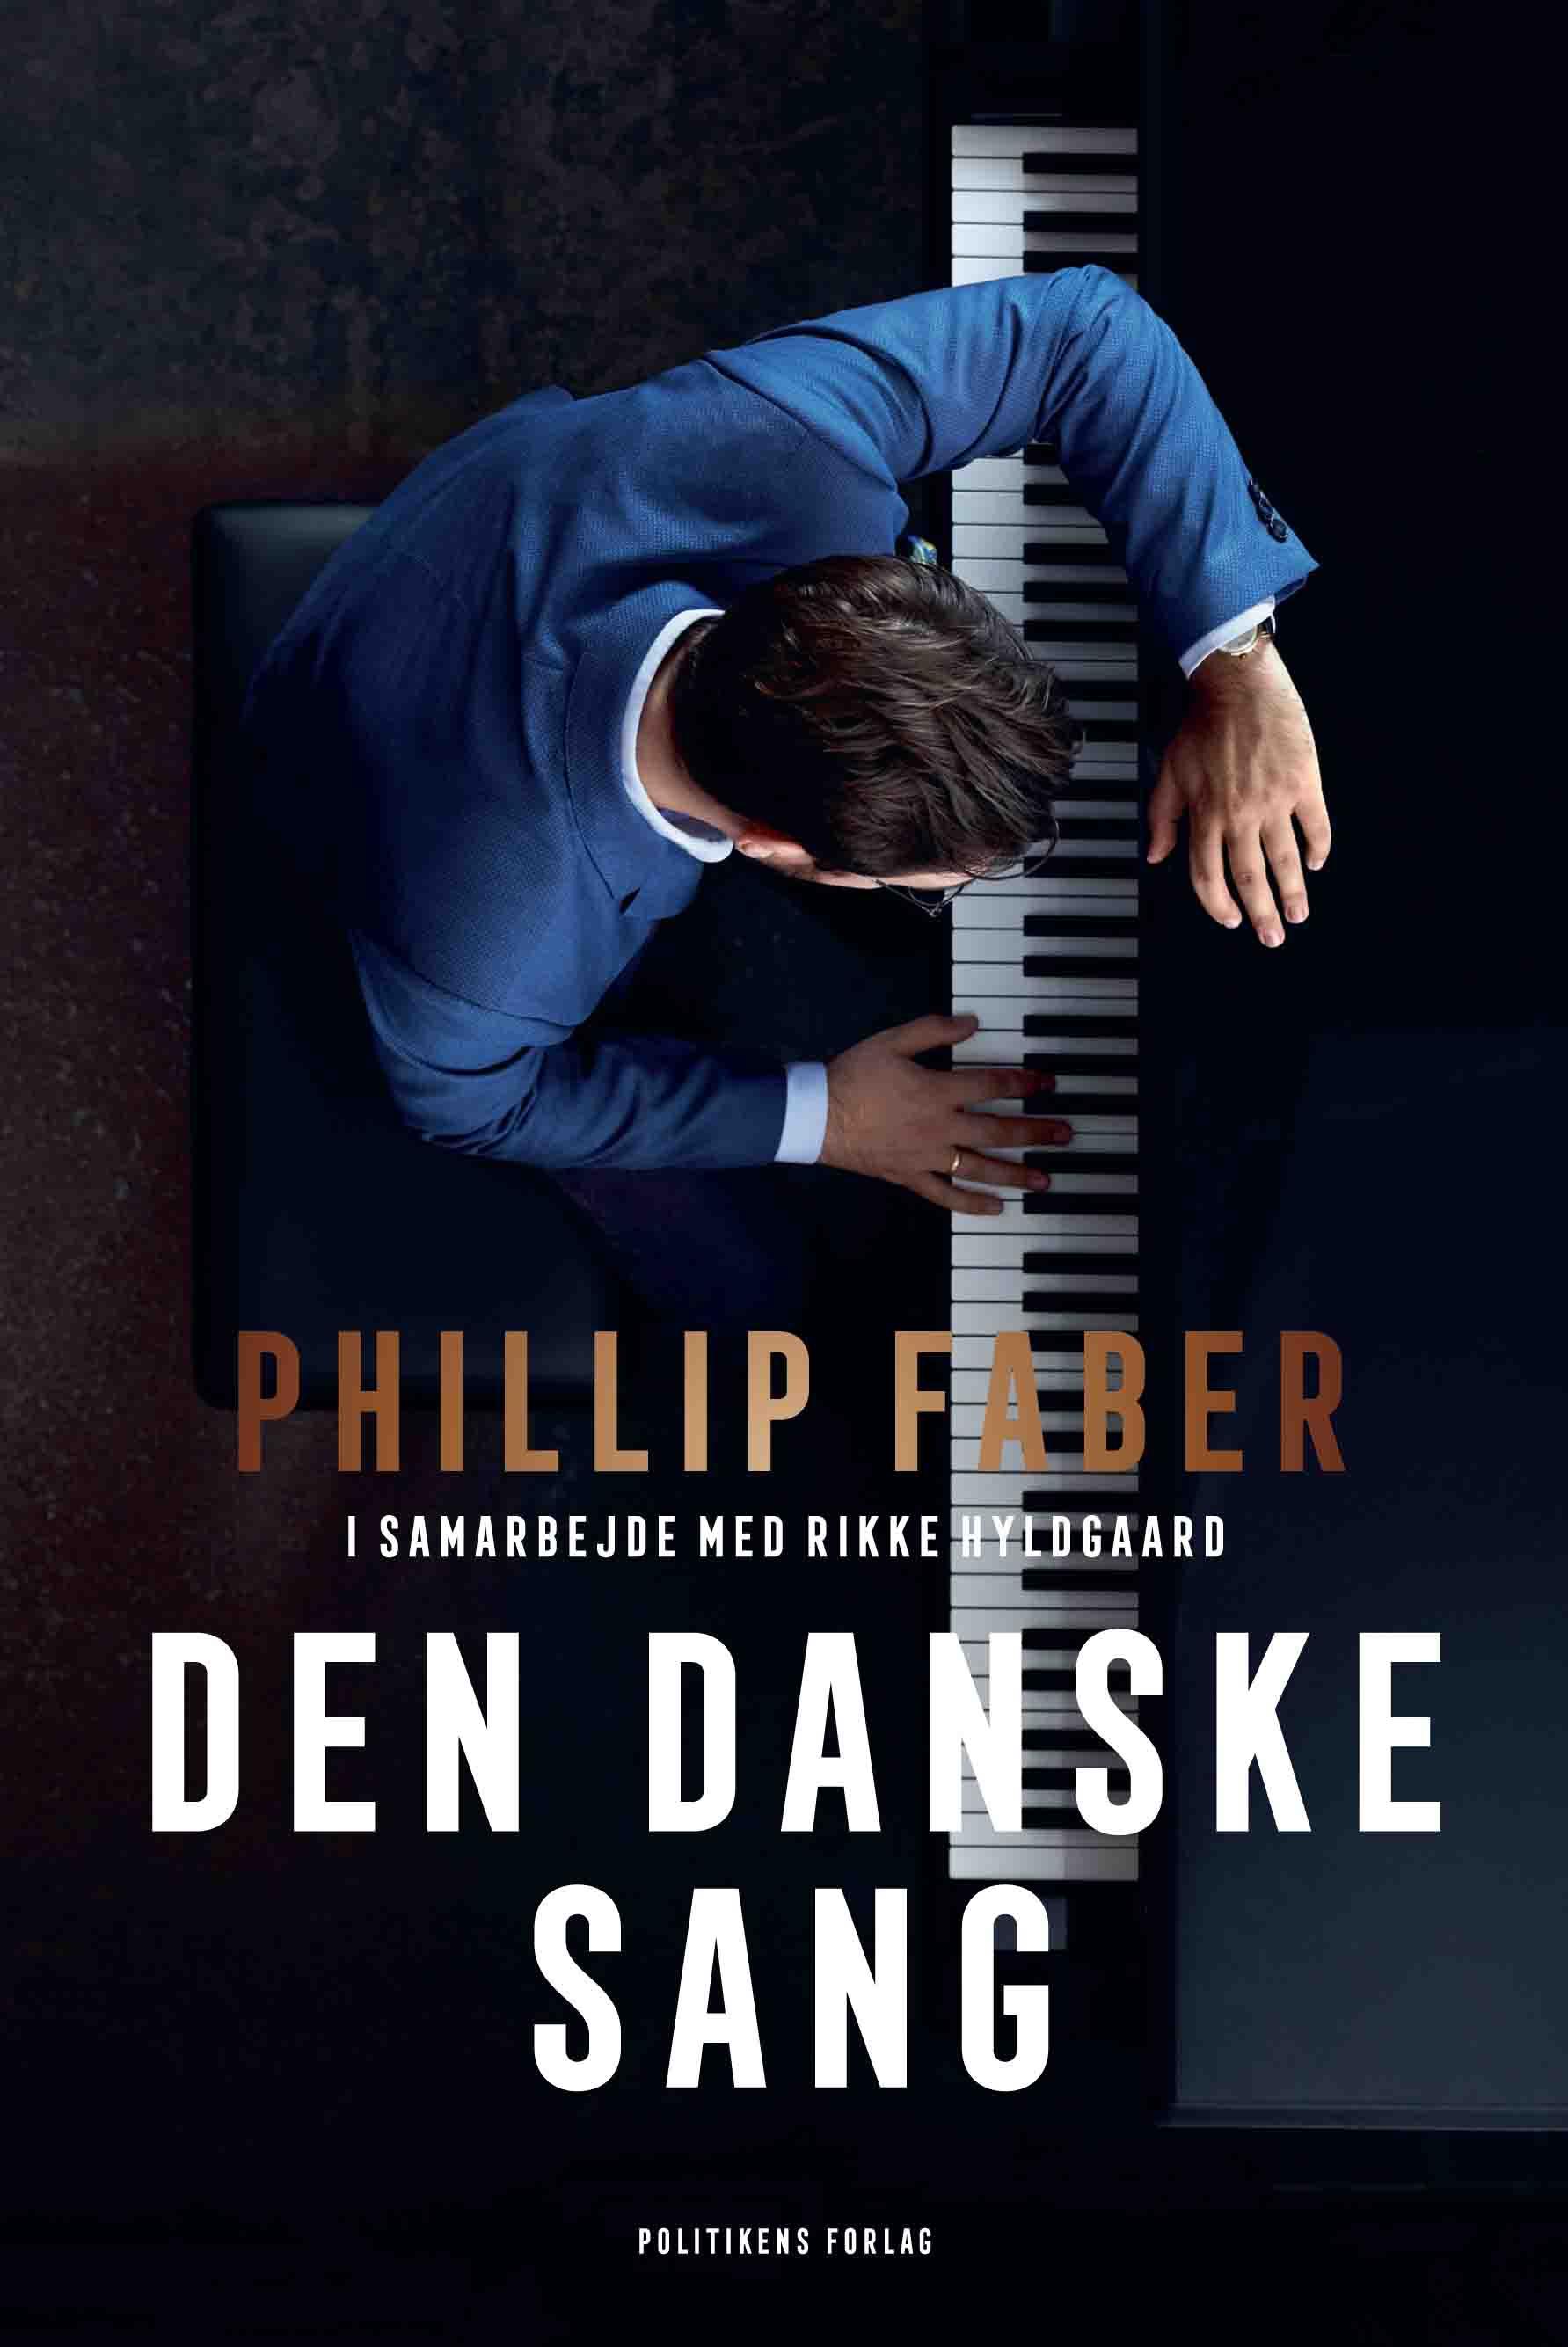 Den danske sang - Phillip Faber; Rikke Hyldgaard - Bøger - Politikens Forlag - 9788740063318 - 24/11-2020